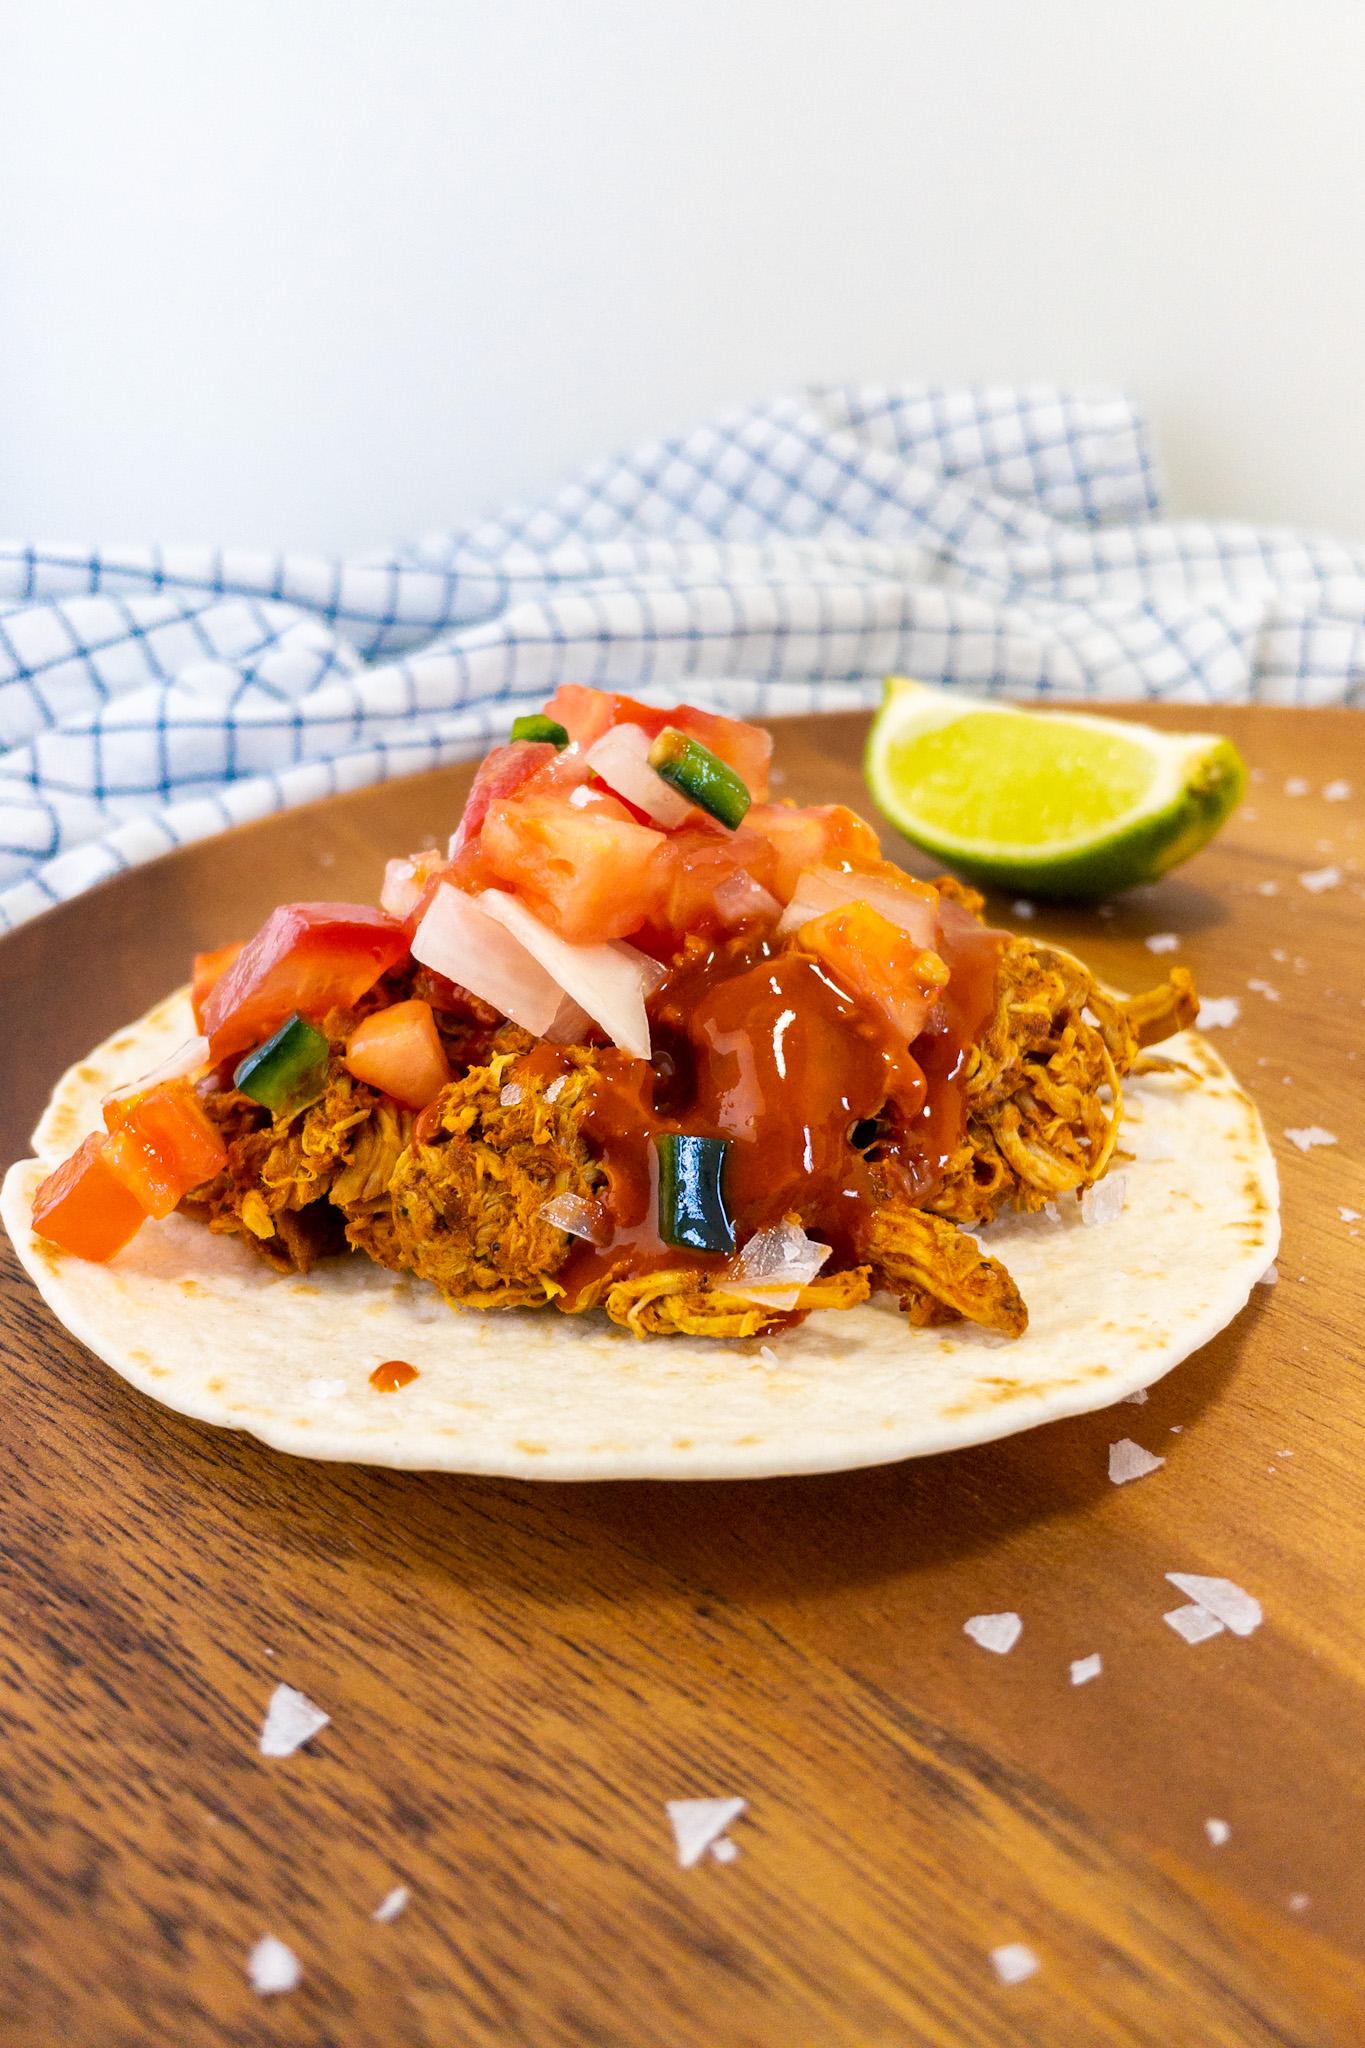 Mexicaans recept voor taco's met pollo pibil op een houten ondergrond. Daarbij limoenen en zout